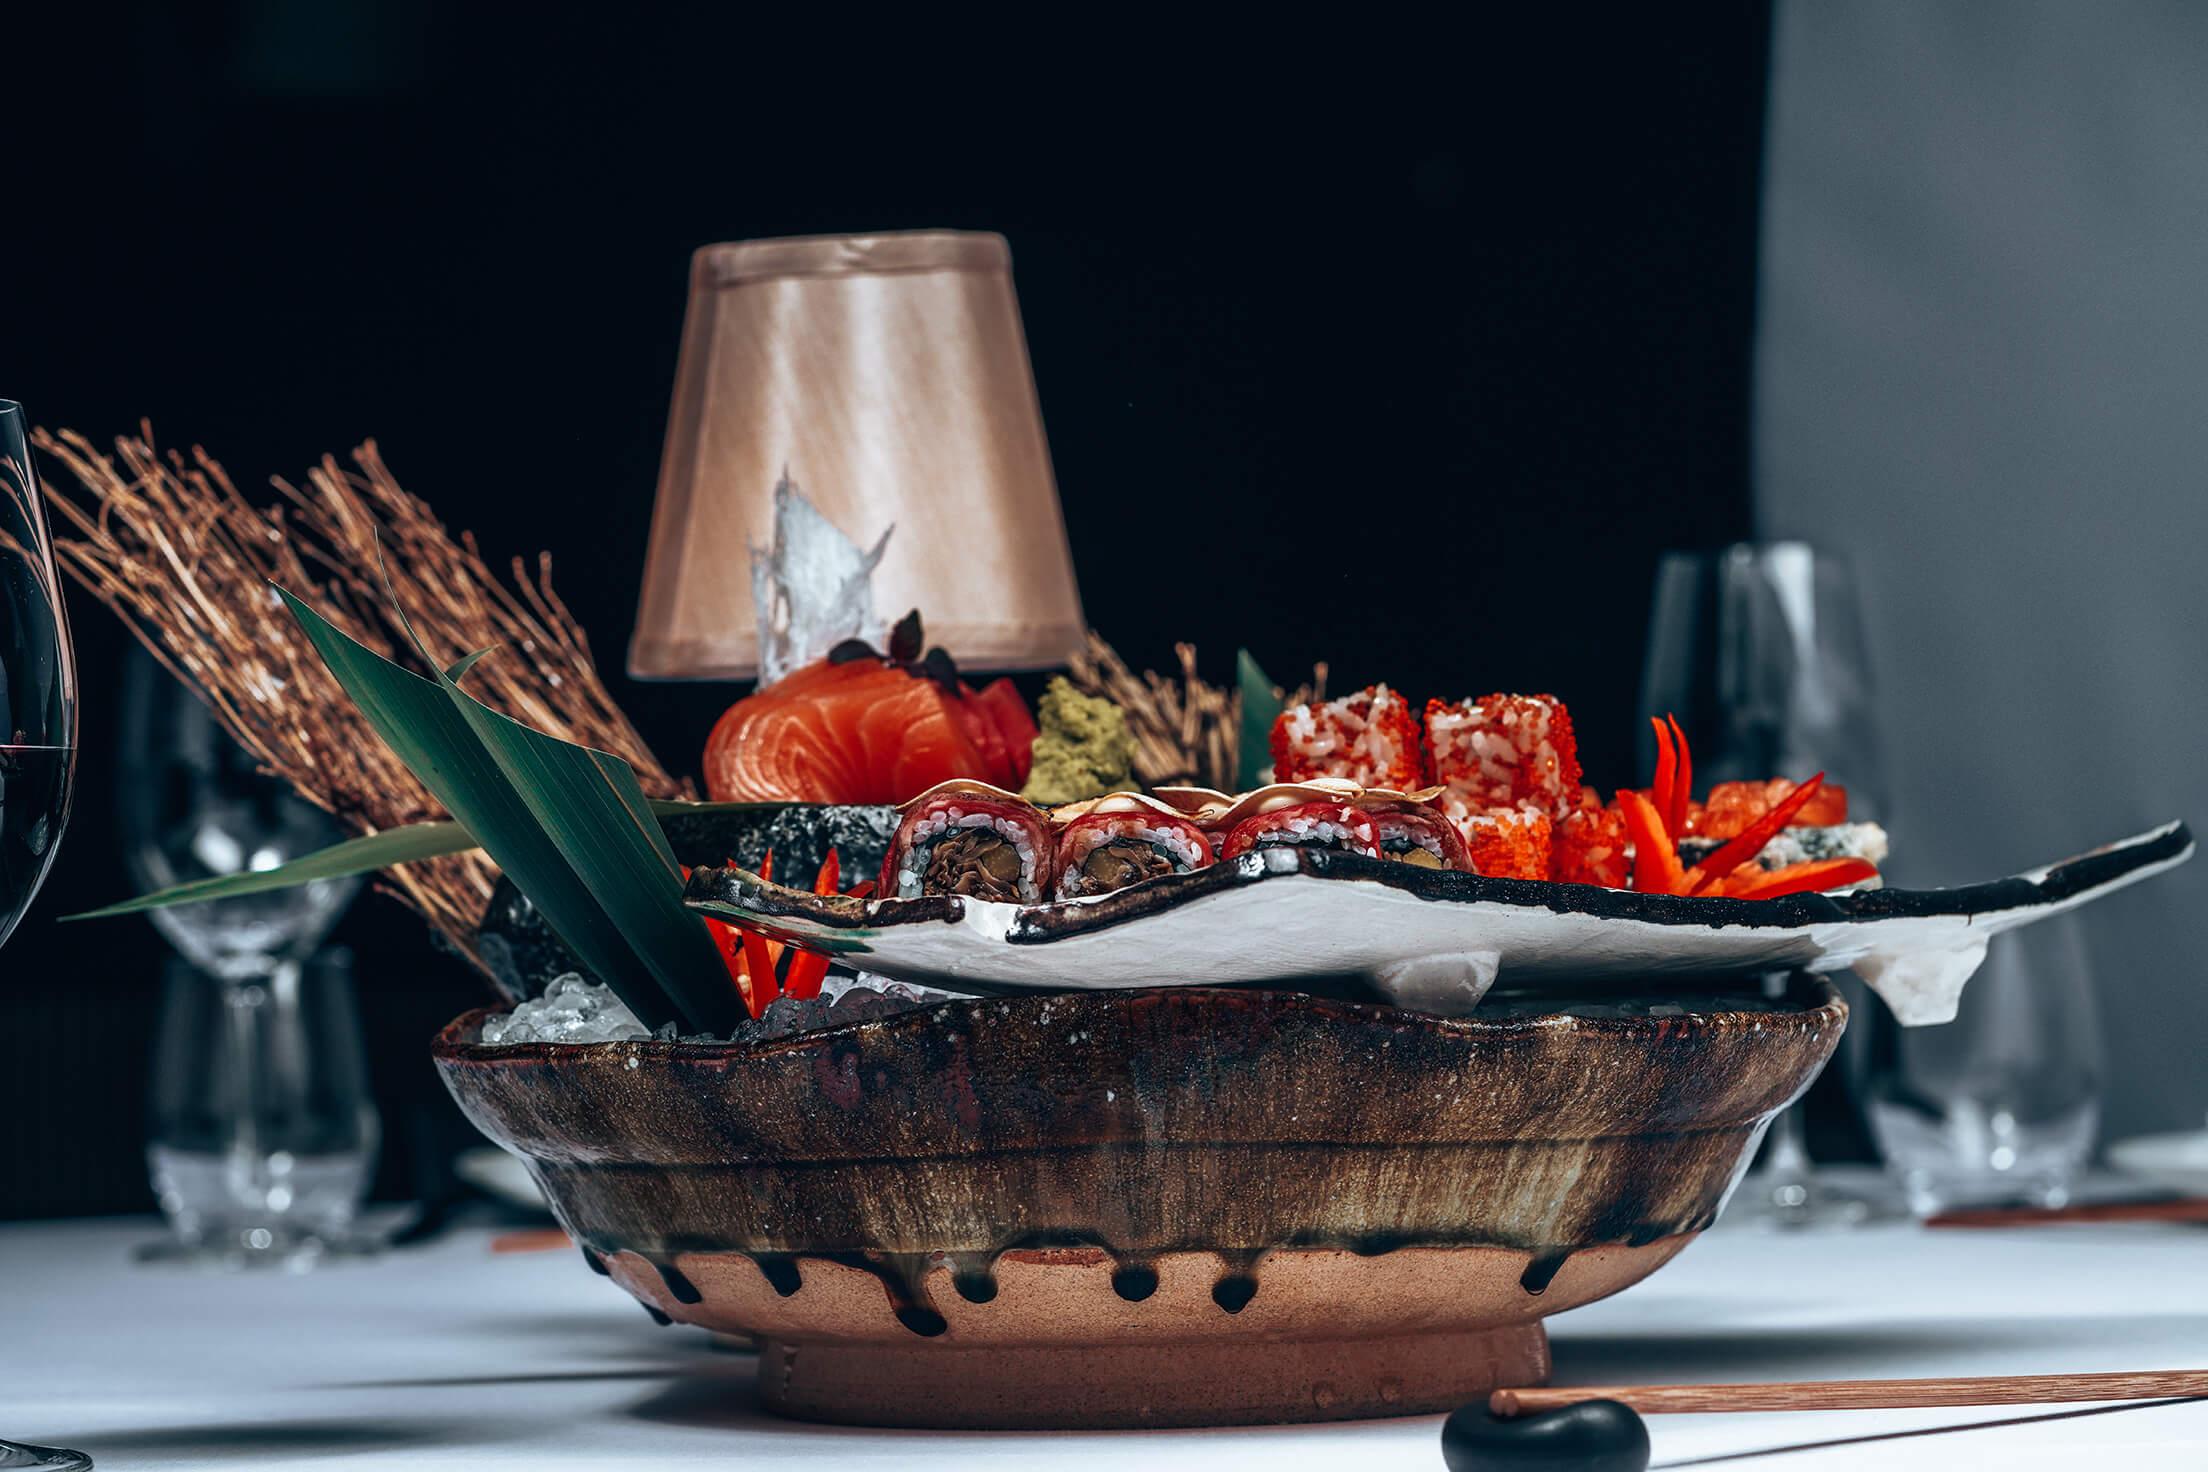 Sushi served on ice